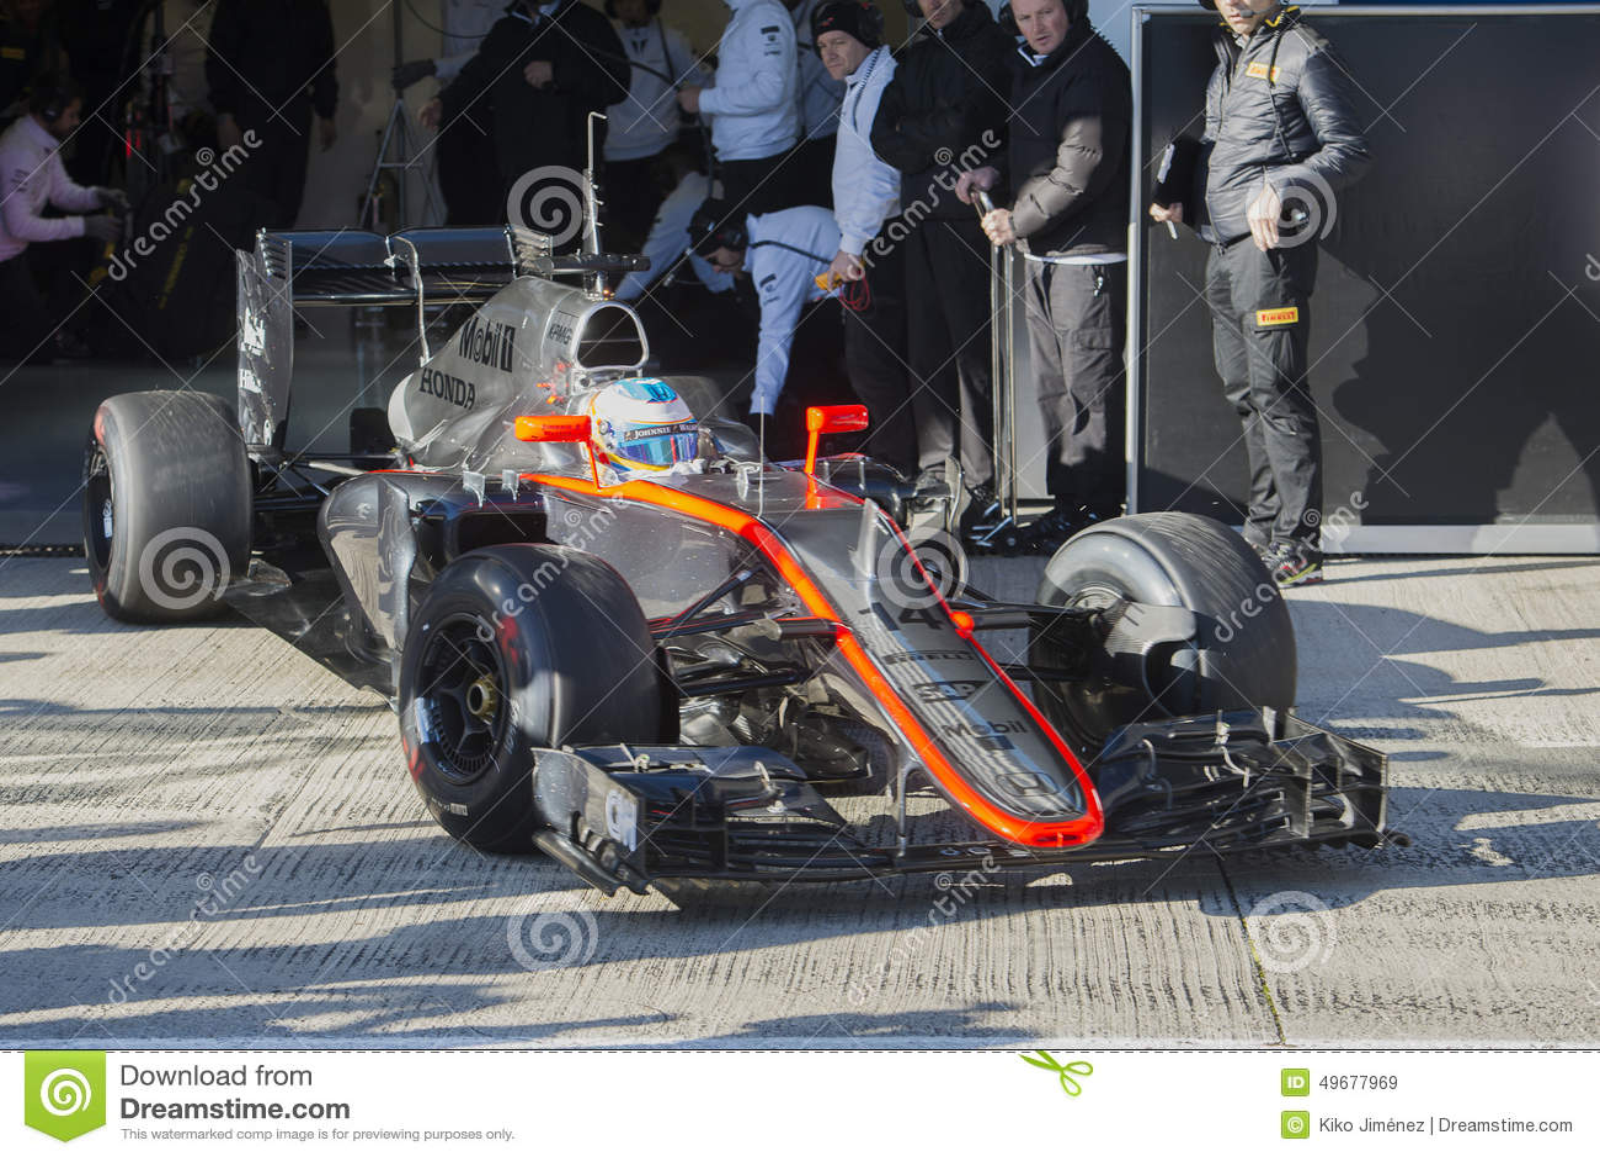 Circuito Fernando Alonso : Formula 1 2015: fernando alonso mclaren honda editorial stock